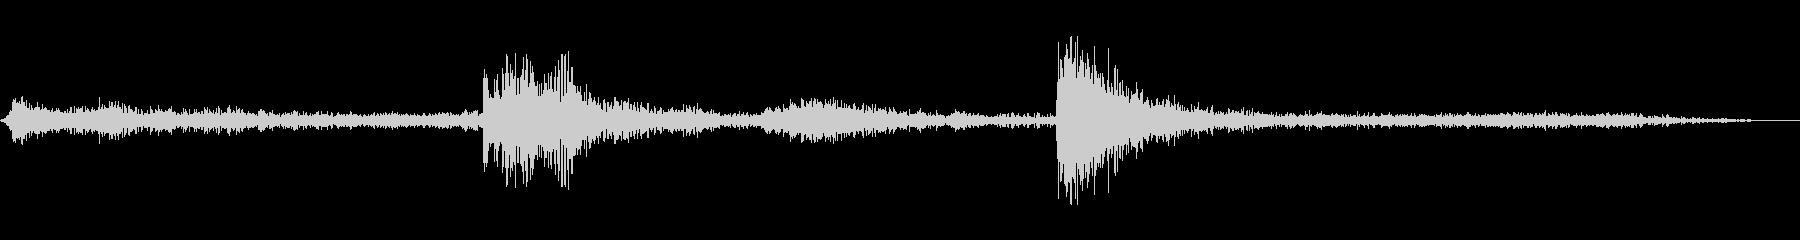 ジャイアント・フリート・エレベータ...の未再生の波形